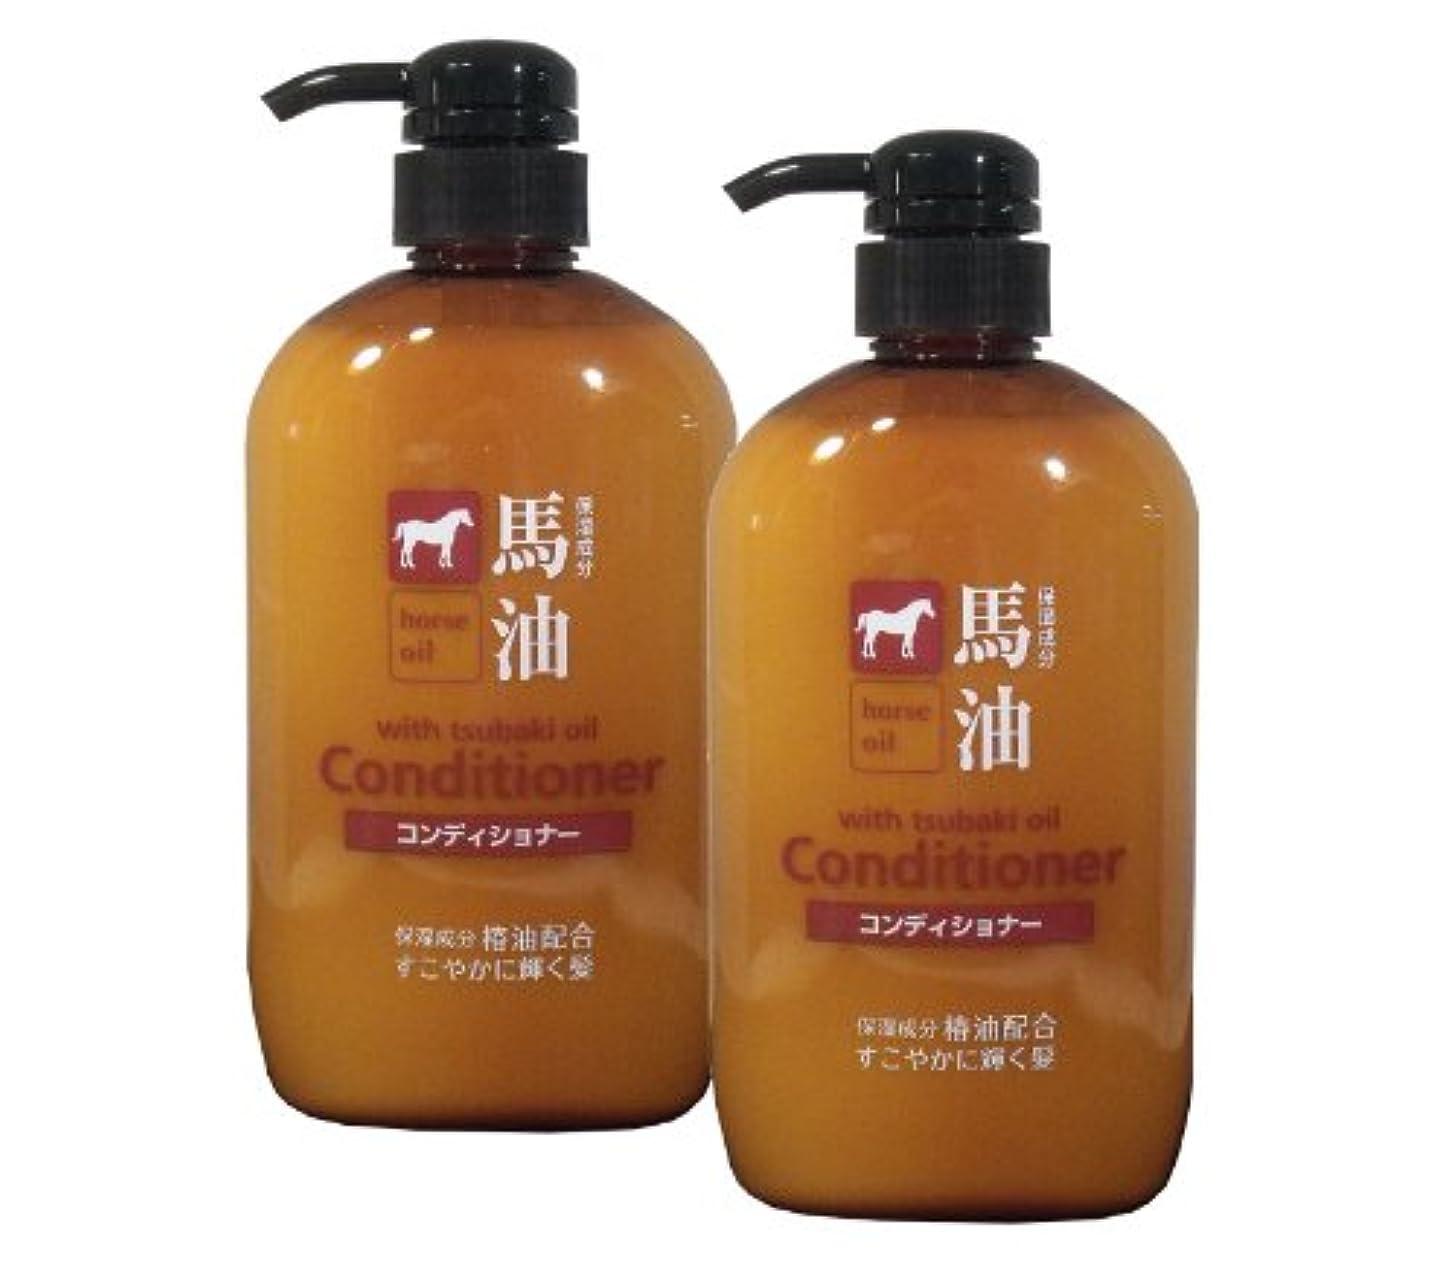 才能カロリーハッピー【熊野油脂】 馬油コンディショナー 椿油配合 2個セット (各600mL)